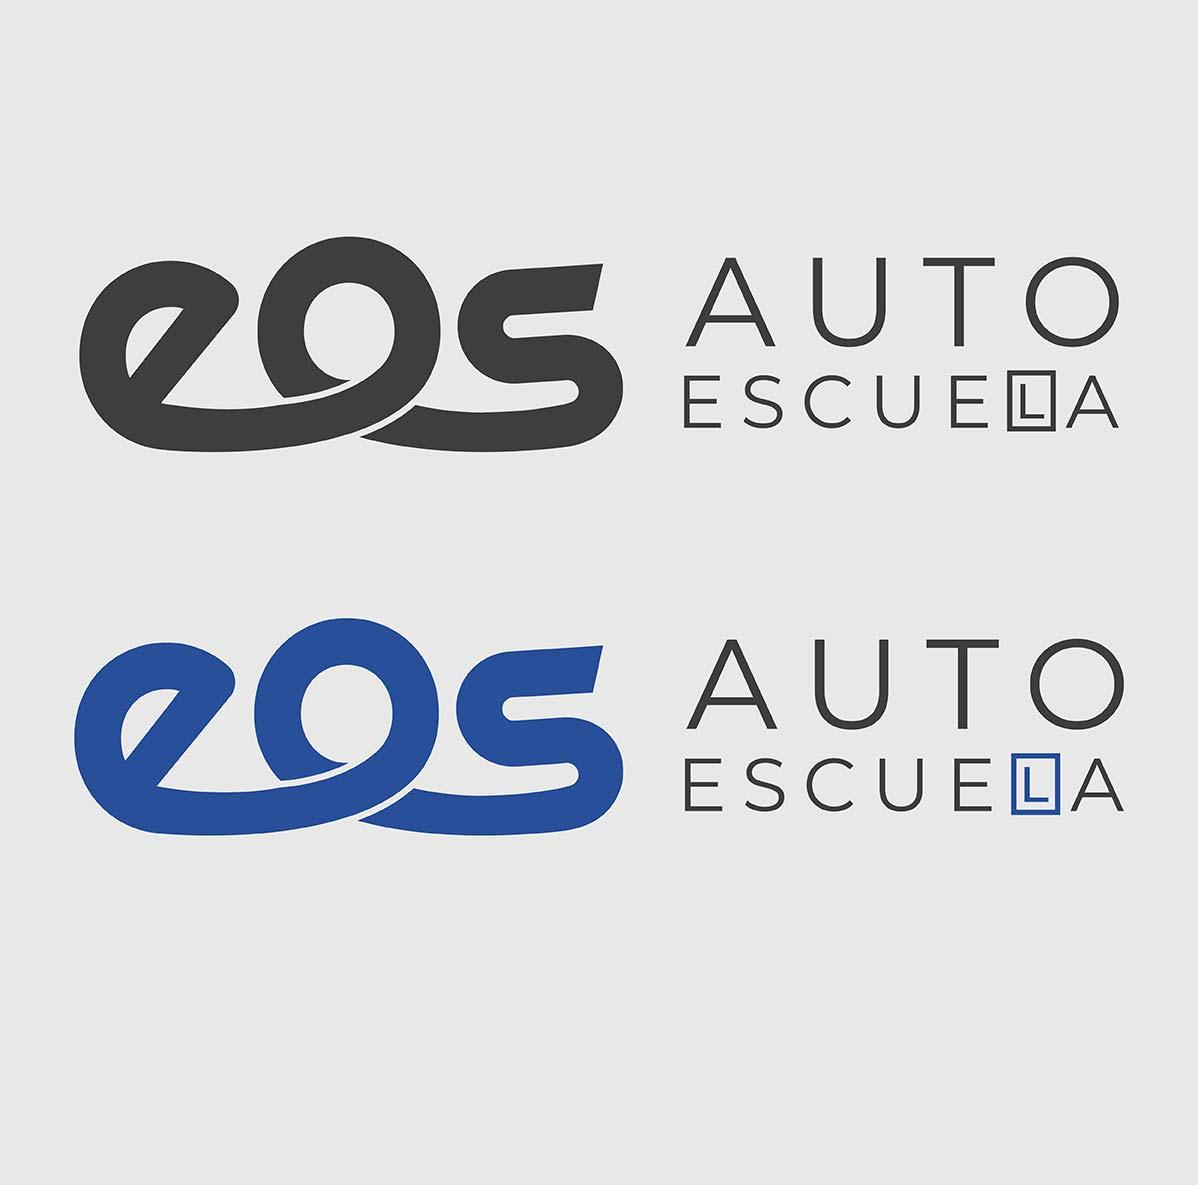 logotipo-para-autoescuela-eos